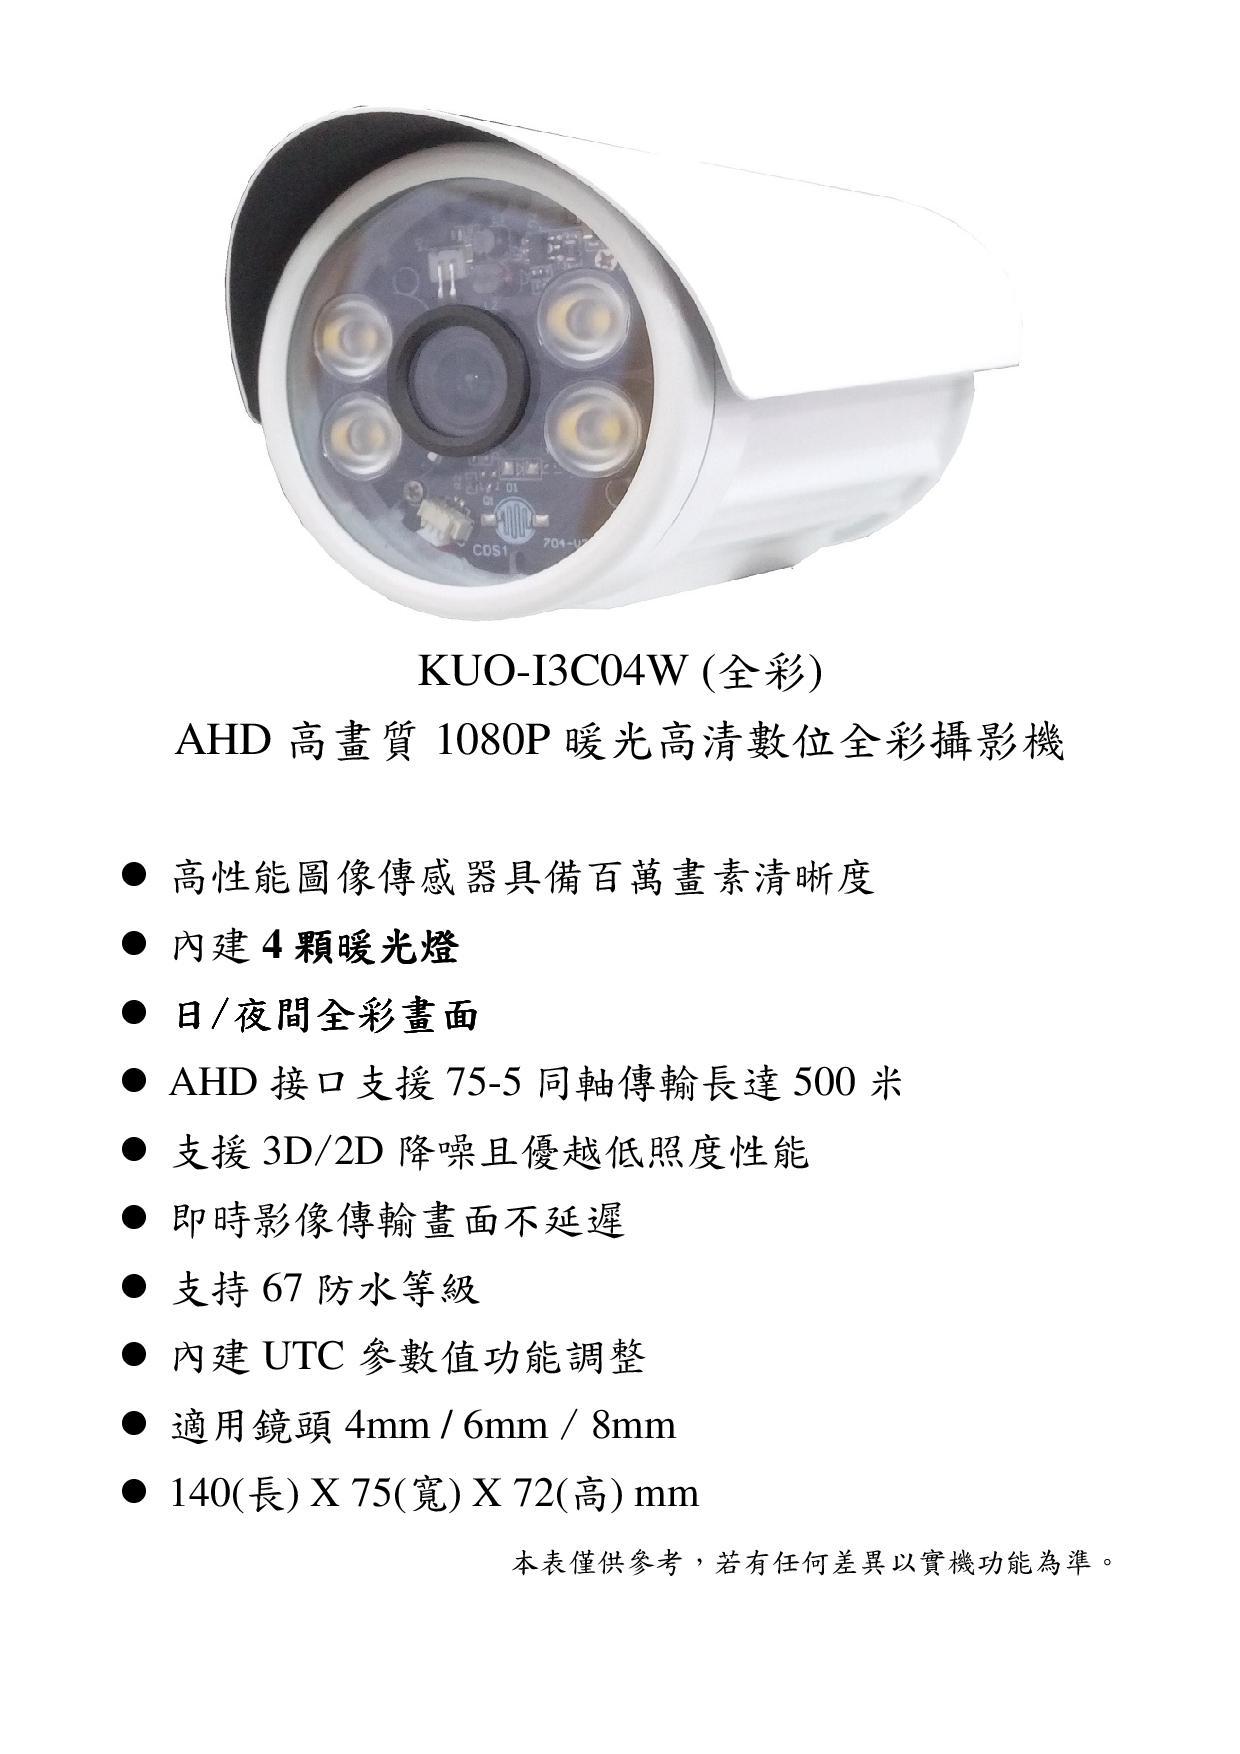 KUO-I3C04W(全彩)